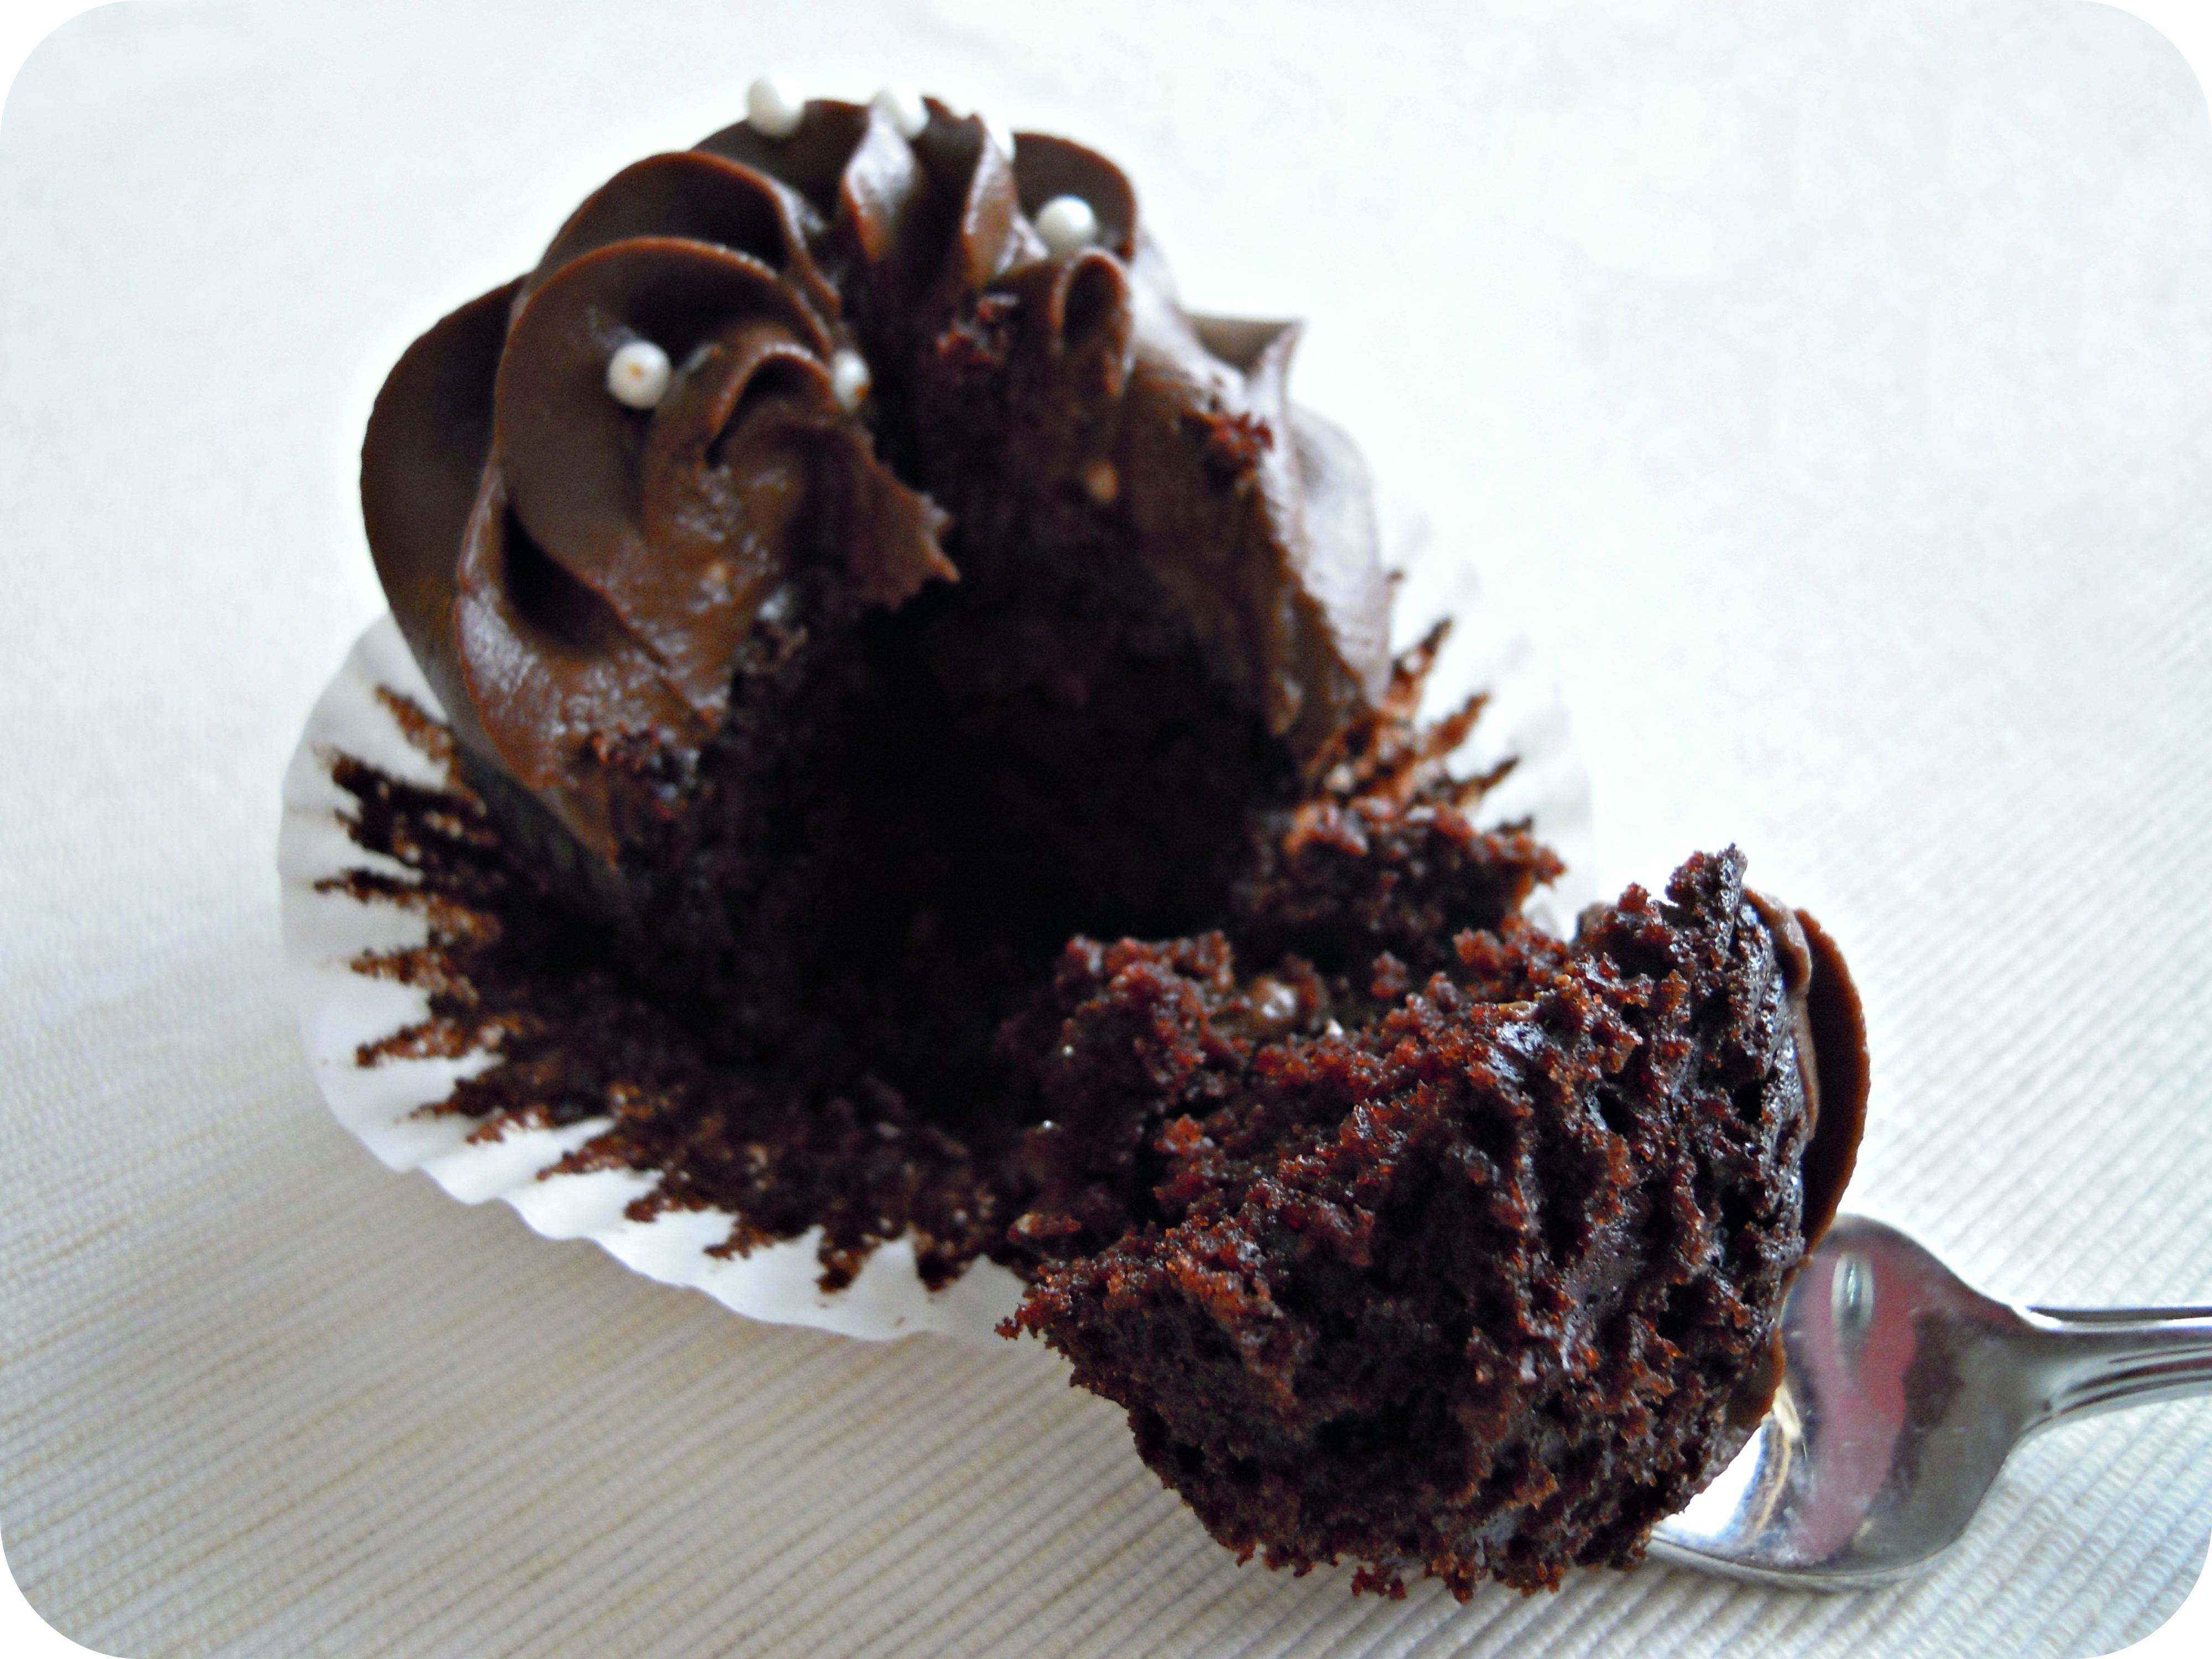 Vegan Chocolate Cupcakes with Chocolate Avocado Frosting |